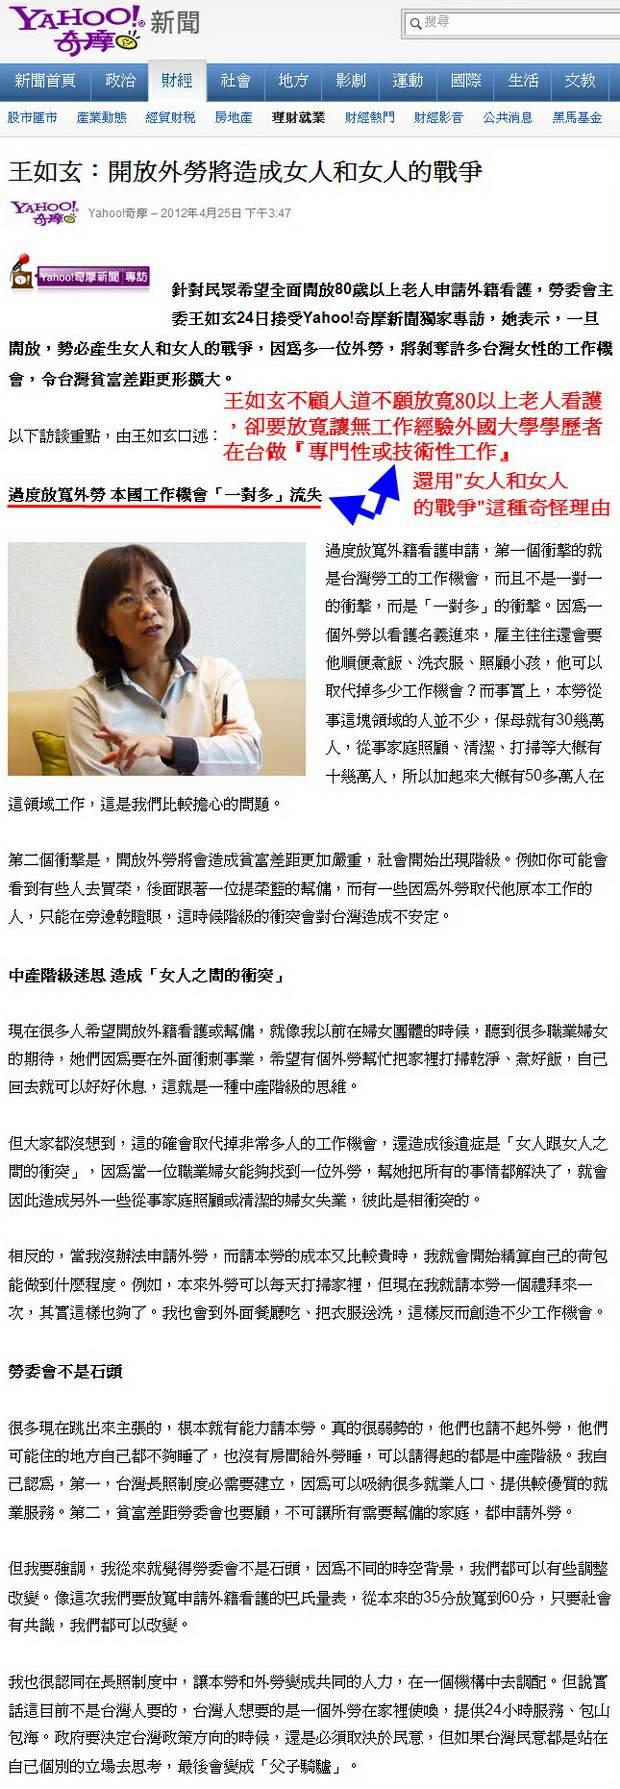 王如玄:開放外勞將造成女人和女人的戰爭-2012.04.25